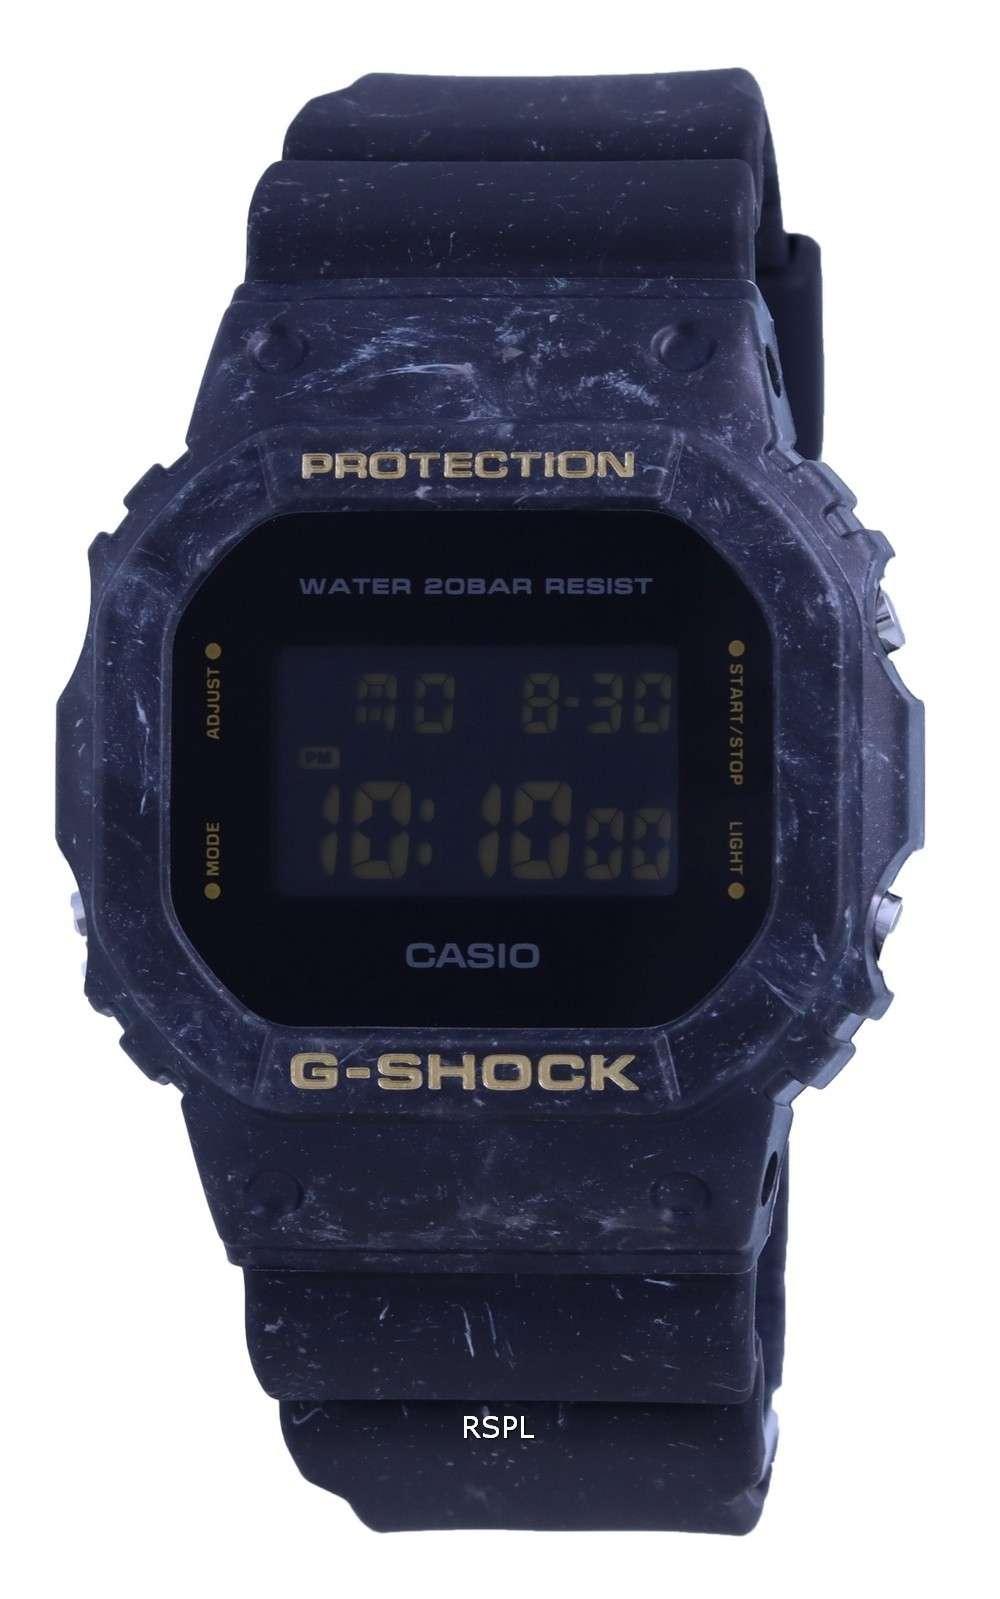 Reloj Casio G-Shock Special Color Digital DW-5600WS-1 DW5600WS-1 200M para hombre